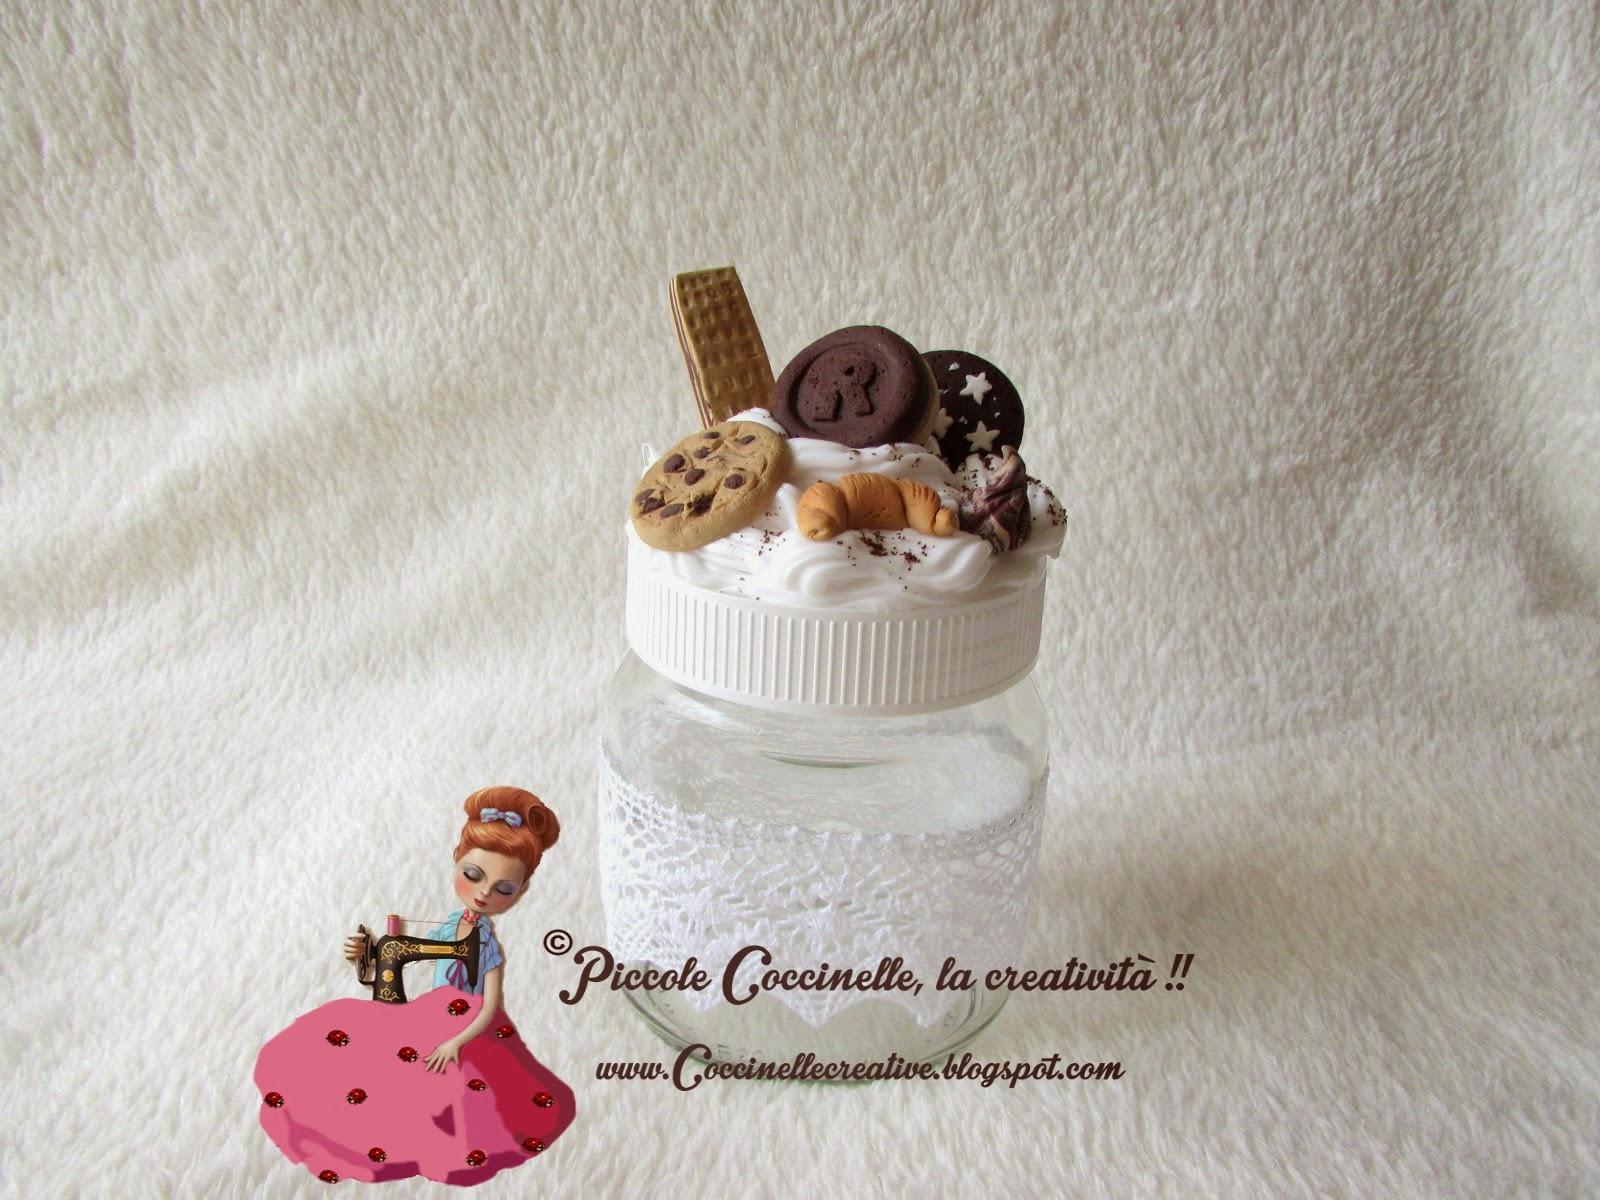 Lampada Barattolo Nutella : Nutella it lampada nuovo lampada nutella in regalo acquistando un